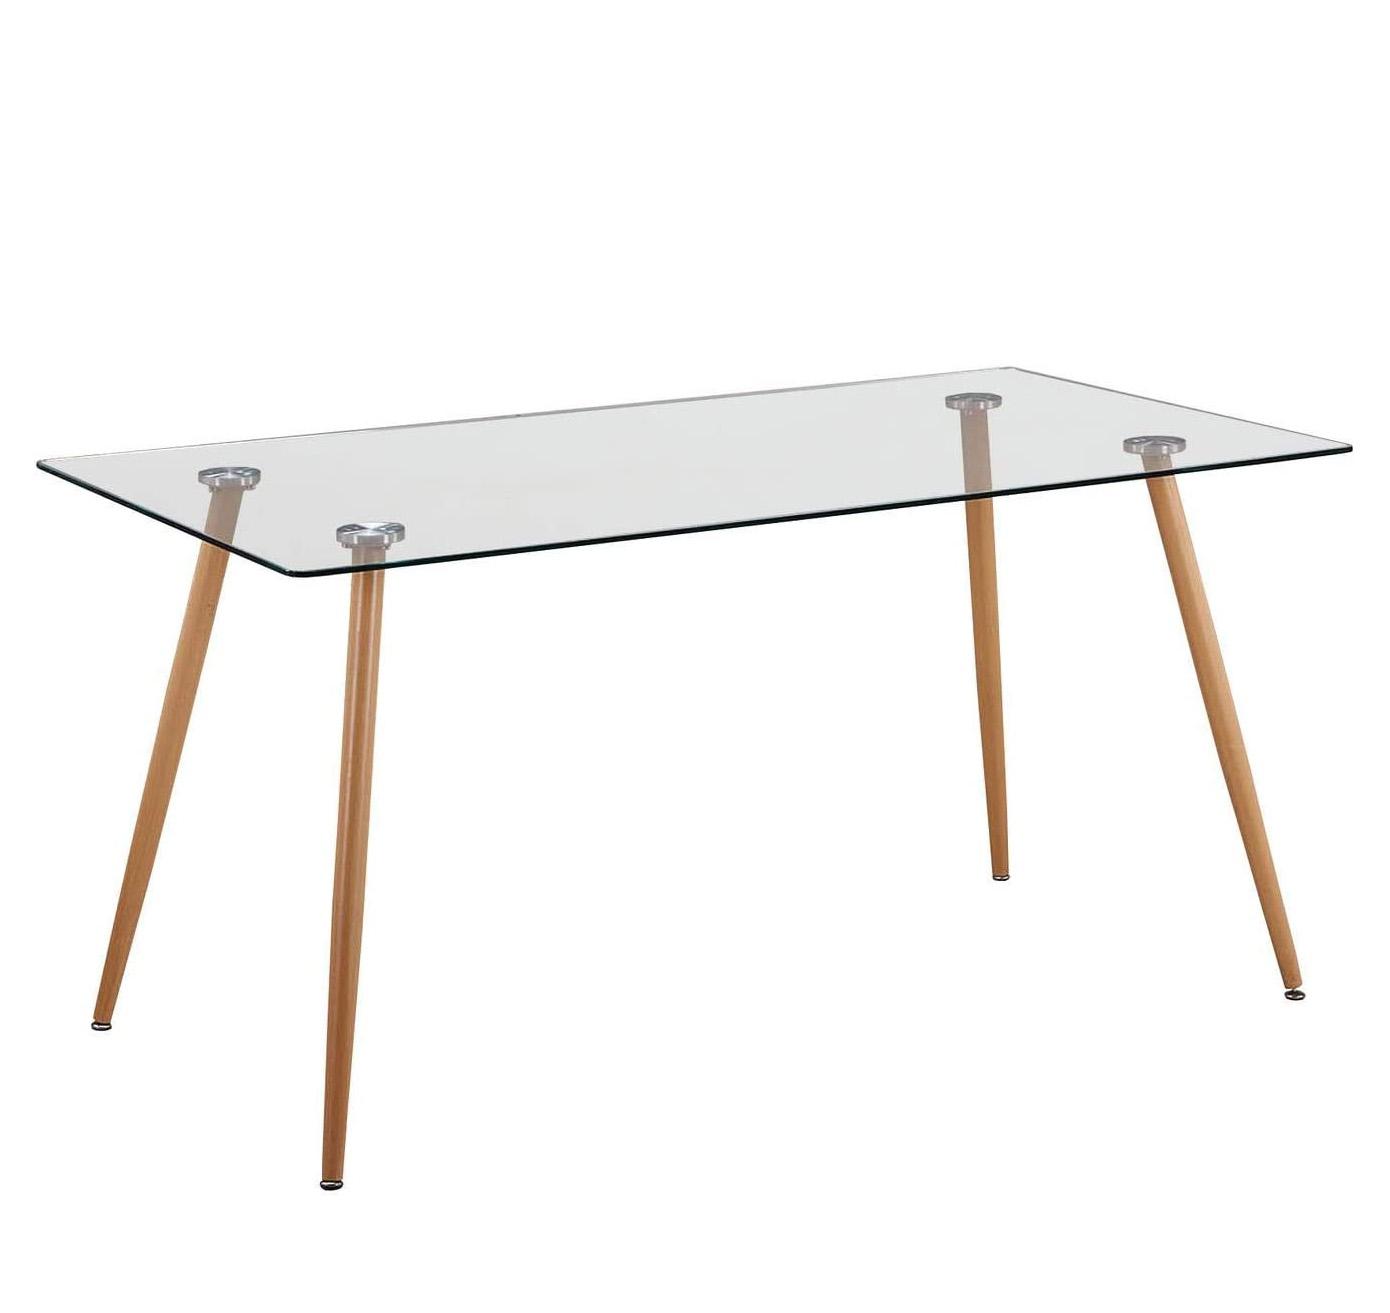 Mesas transparentes de cristal para comedor y salón estilo escandinavo moderno tienda de artículos transparentes online